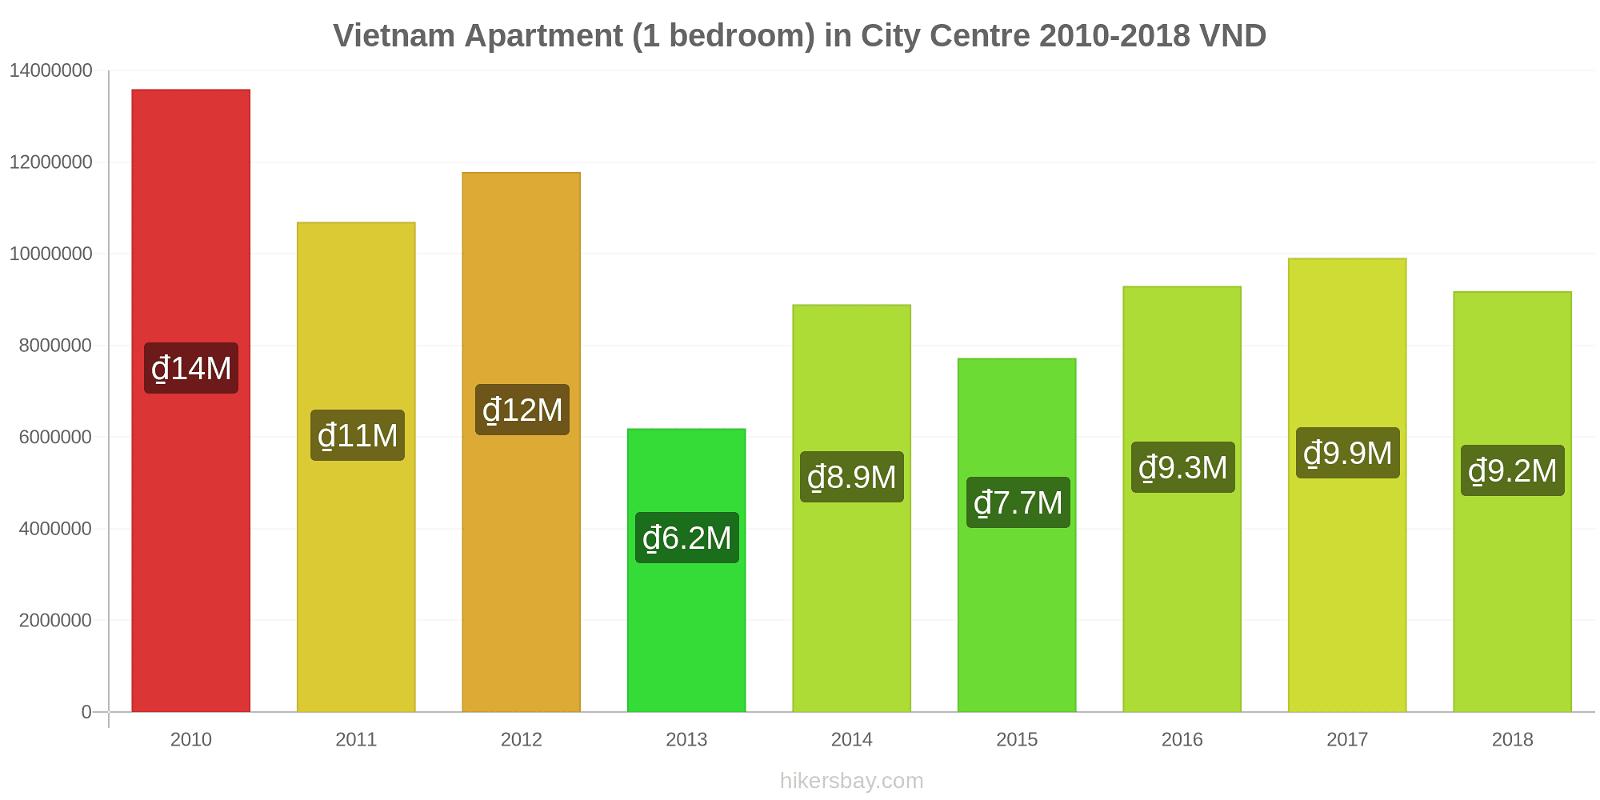 Vietnam price changes Apartment (1 bedroom) in City Centre hikersbay.com